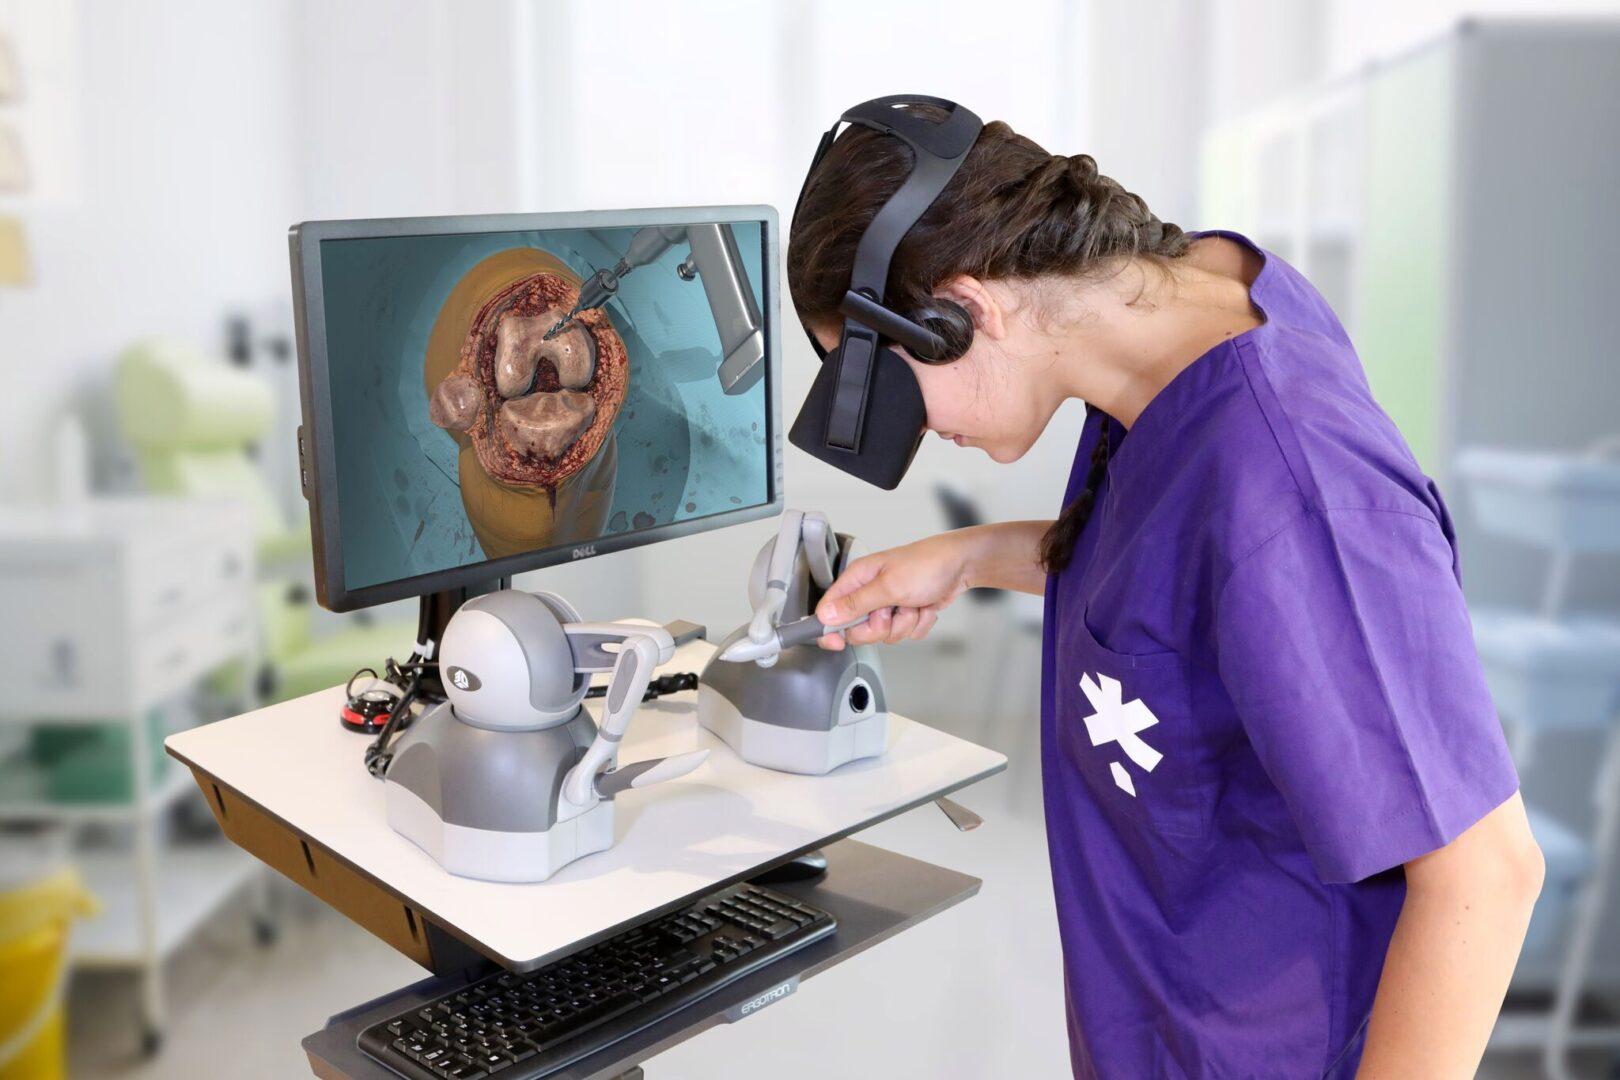 sinh viên y dược học theo phương pháp thực tế ảo